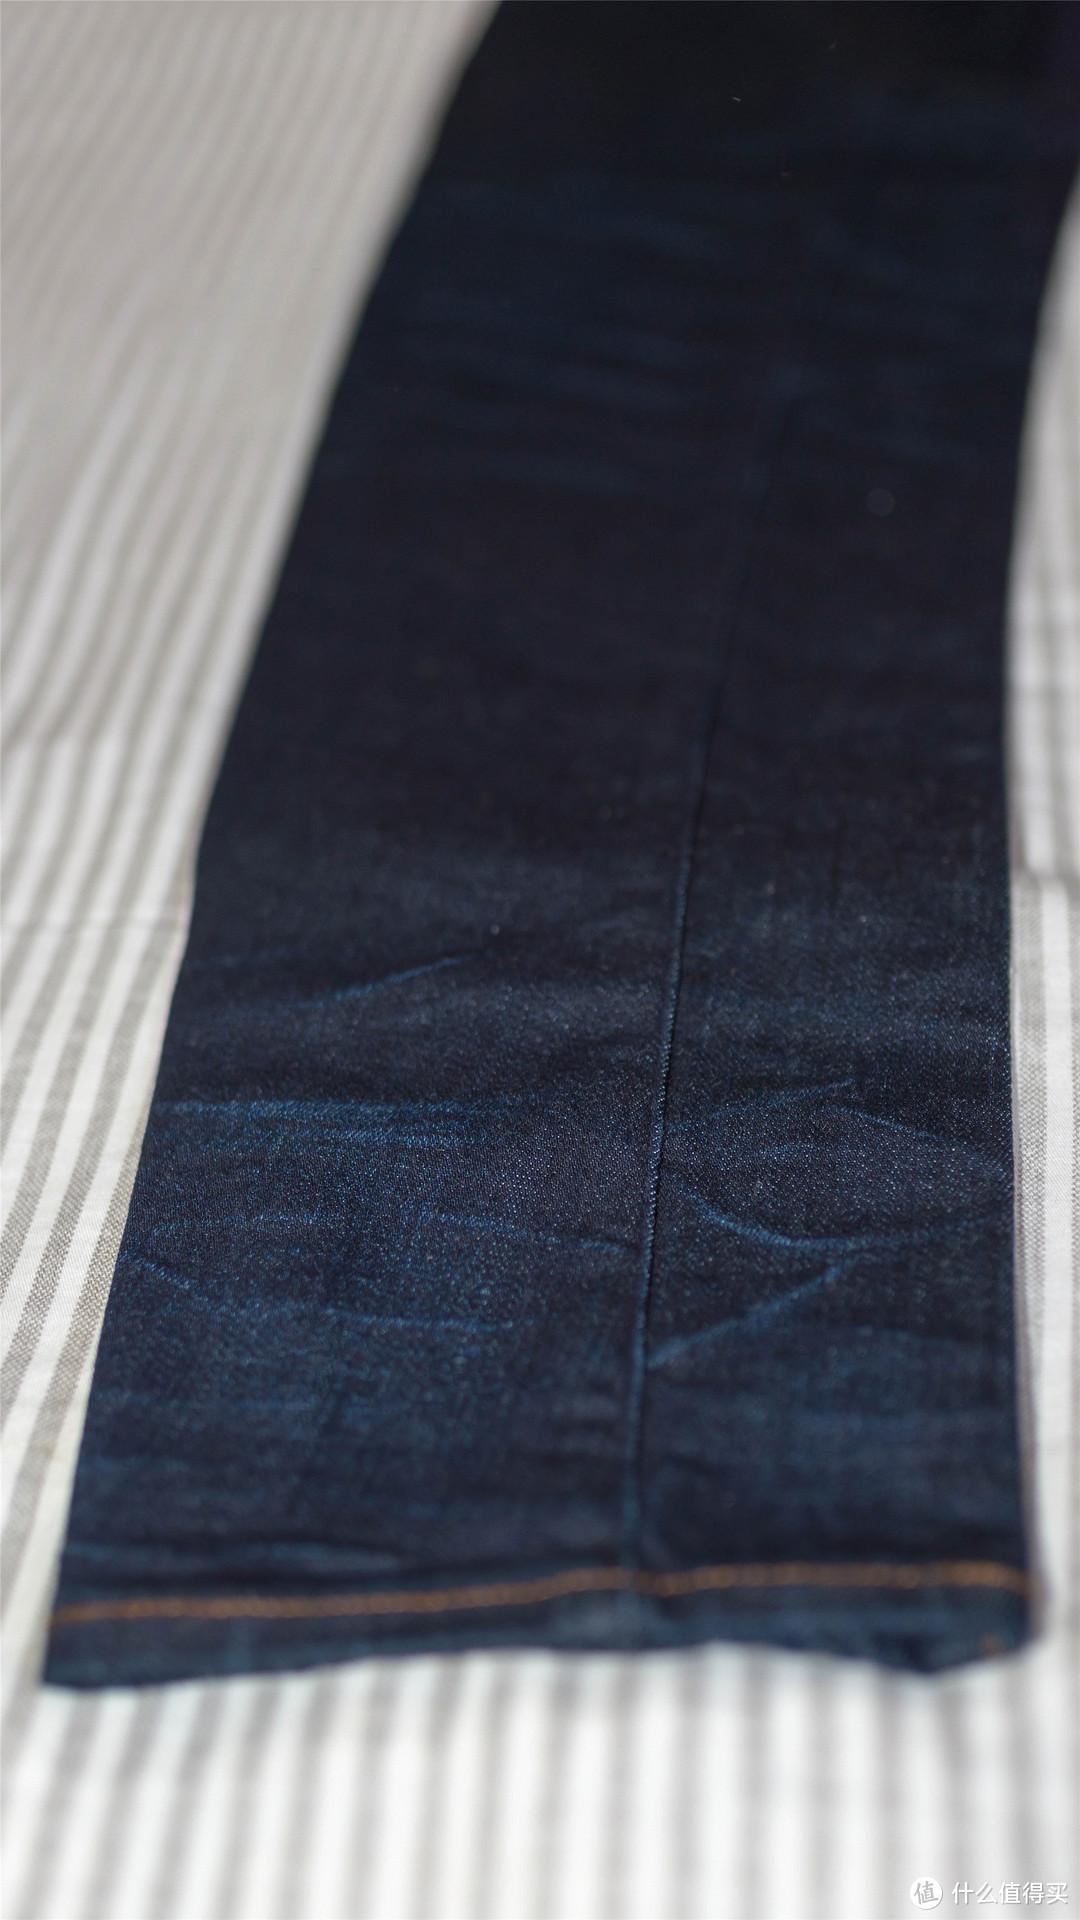 另外一条深色的仔裤的水洗纹。